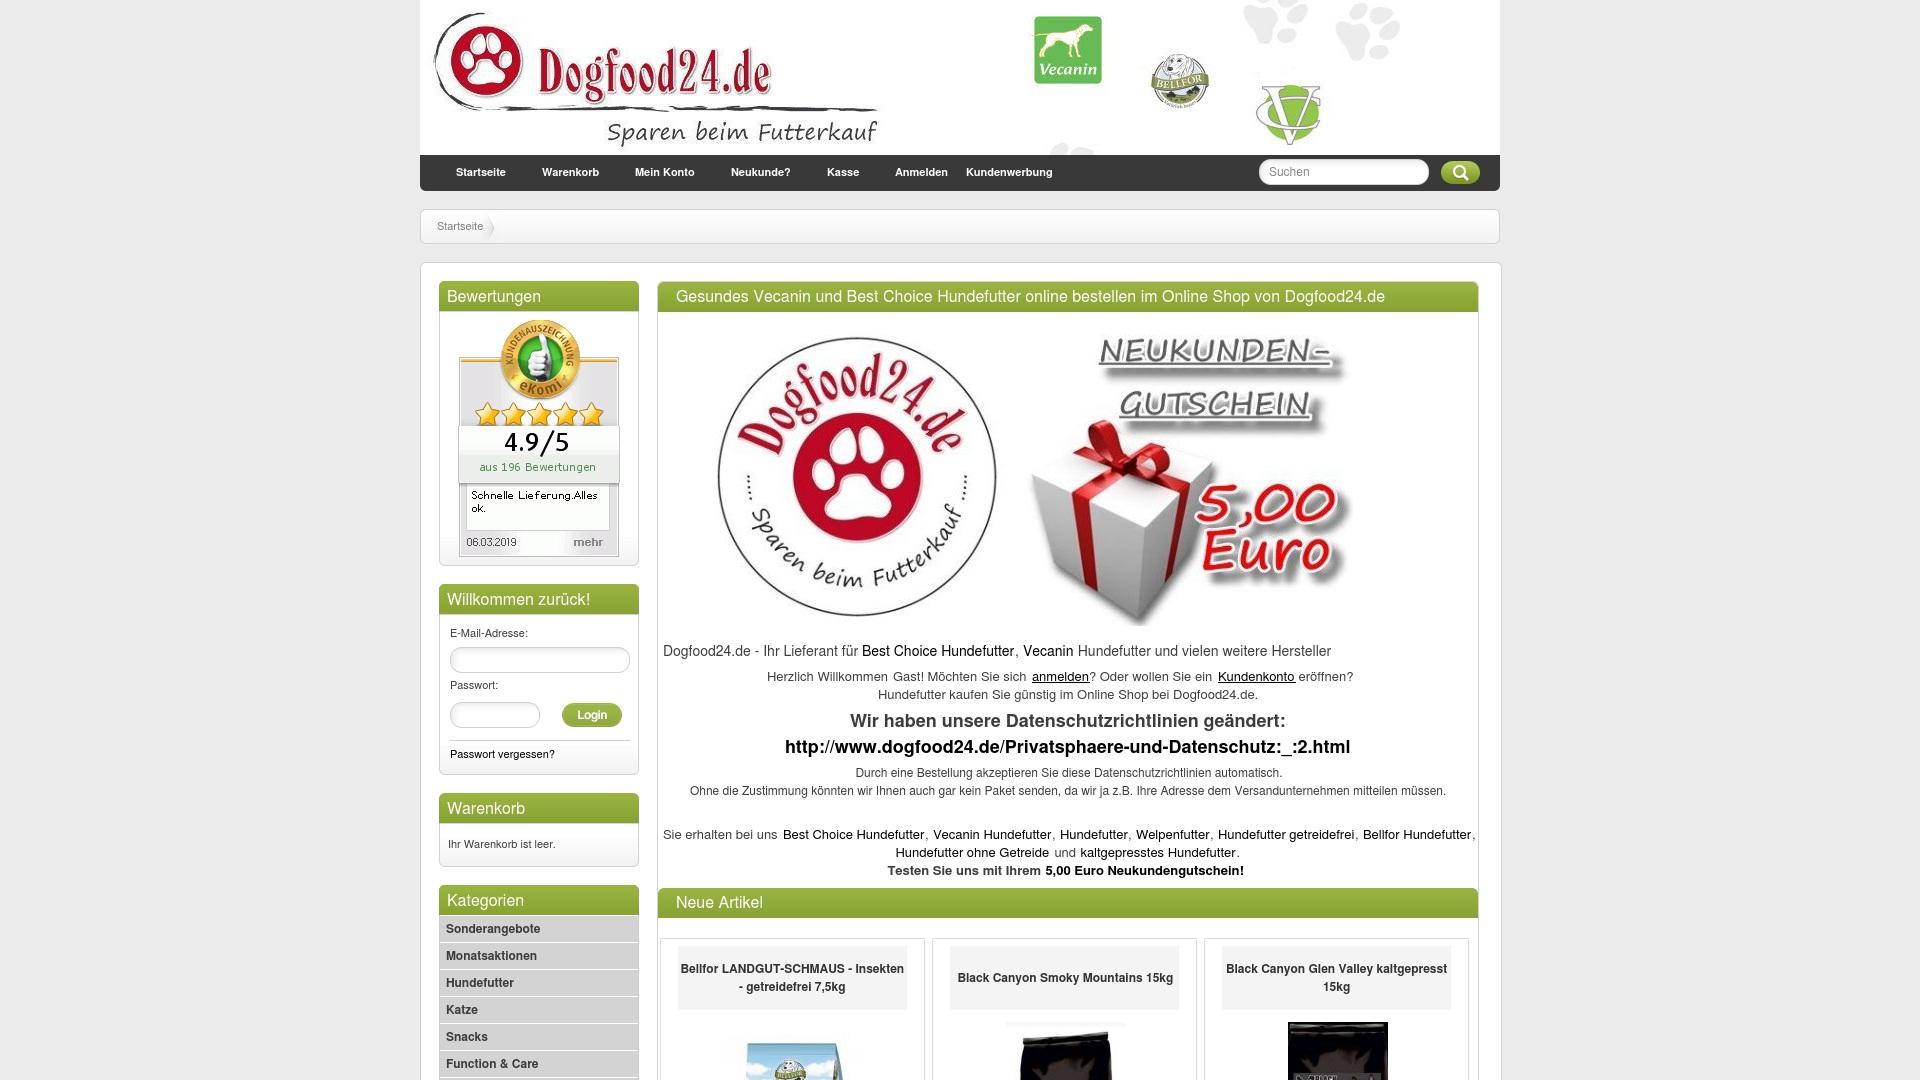 Gutschein für Dogfood24: Rabatte für  Dogfood24 sichern